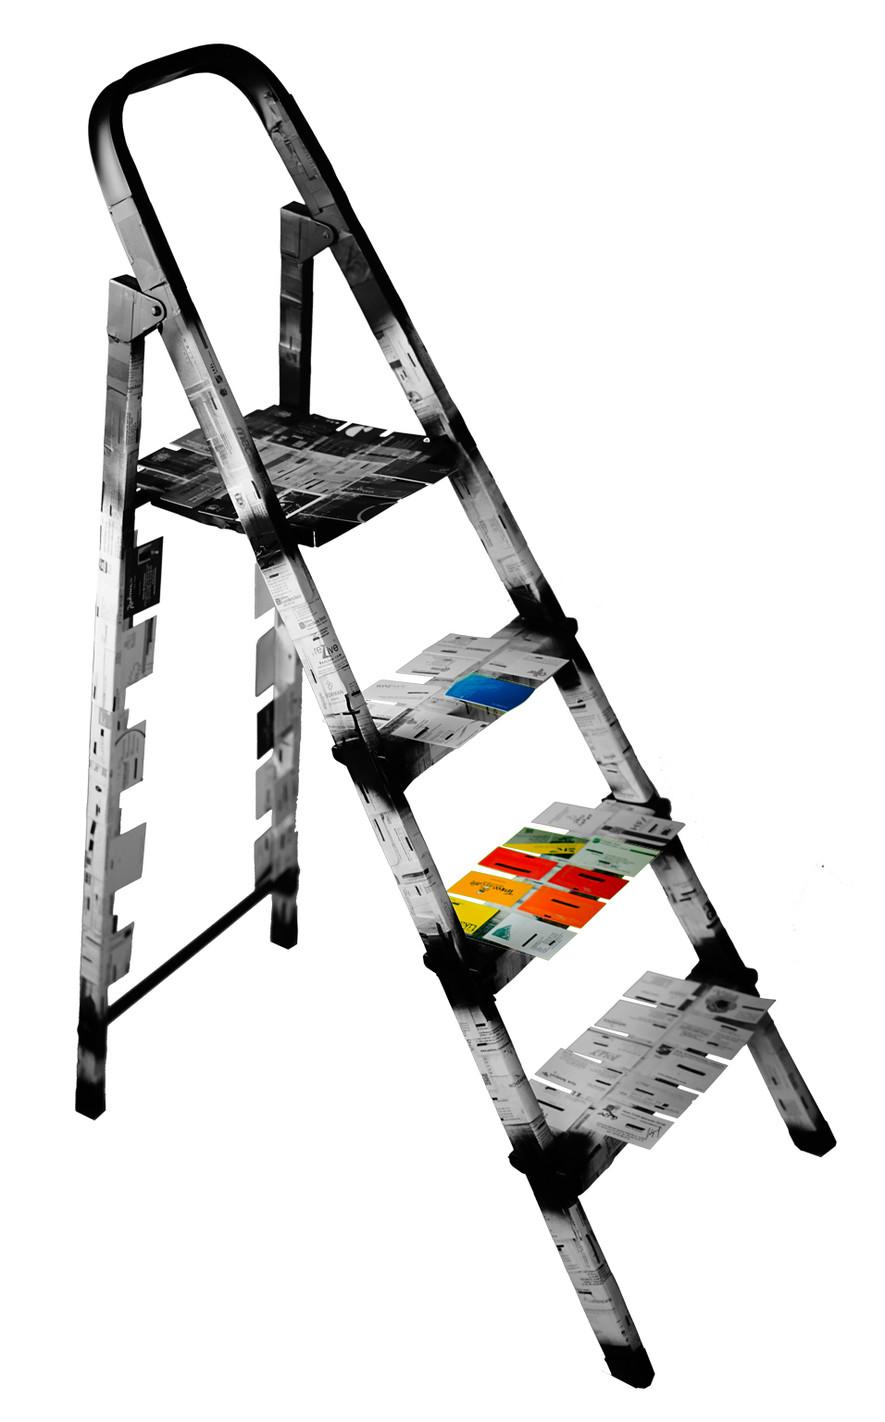 Kimliksizleşme / v 2018 / 35x88x88 cm / Kartvizitlerle kaplanmış merdivenin basamaklarındaki siyah lekeler, yükselme hırsı ve güç uğruna kimliksizleşmeyi temsil eder. Yükseldikçe markalar belirginleşir, tepede ise tamamen karanlık ve kimliksizleşme vardır.